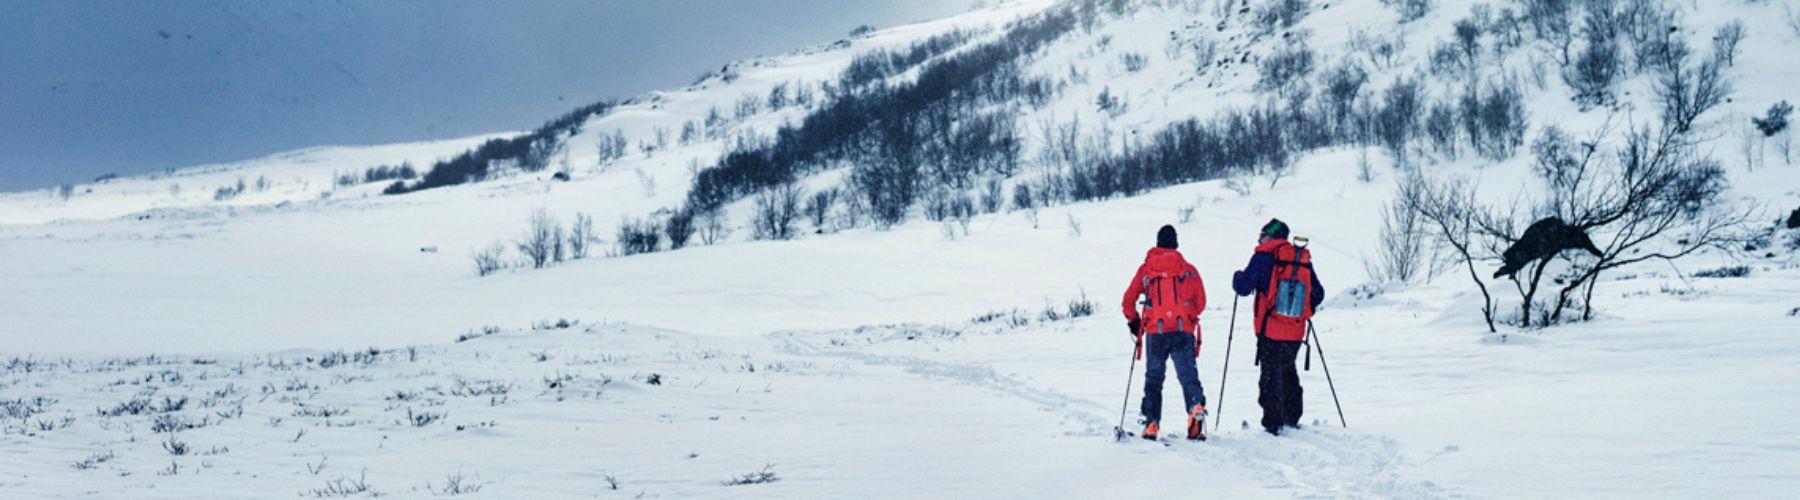 Norges nasjonalparker cover image